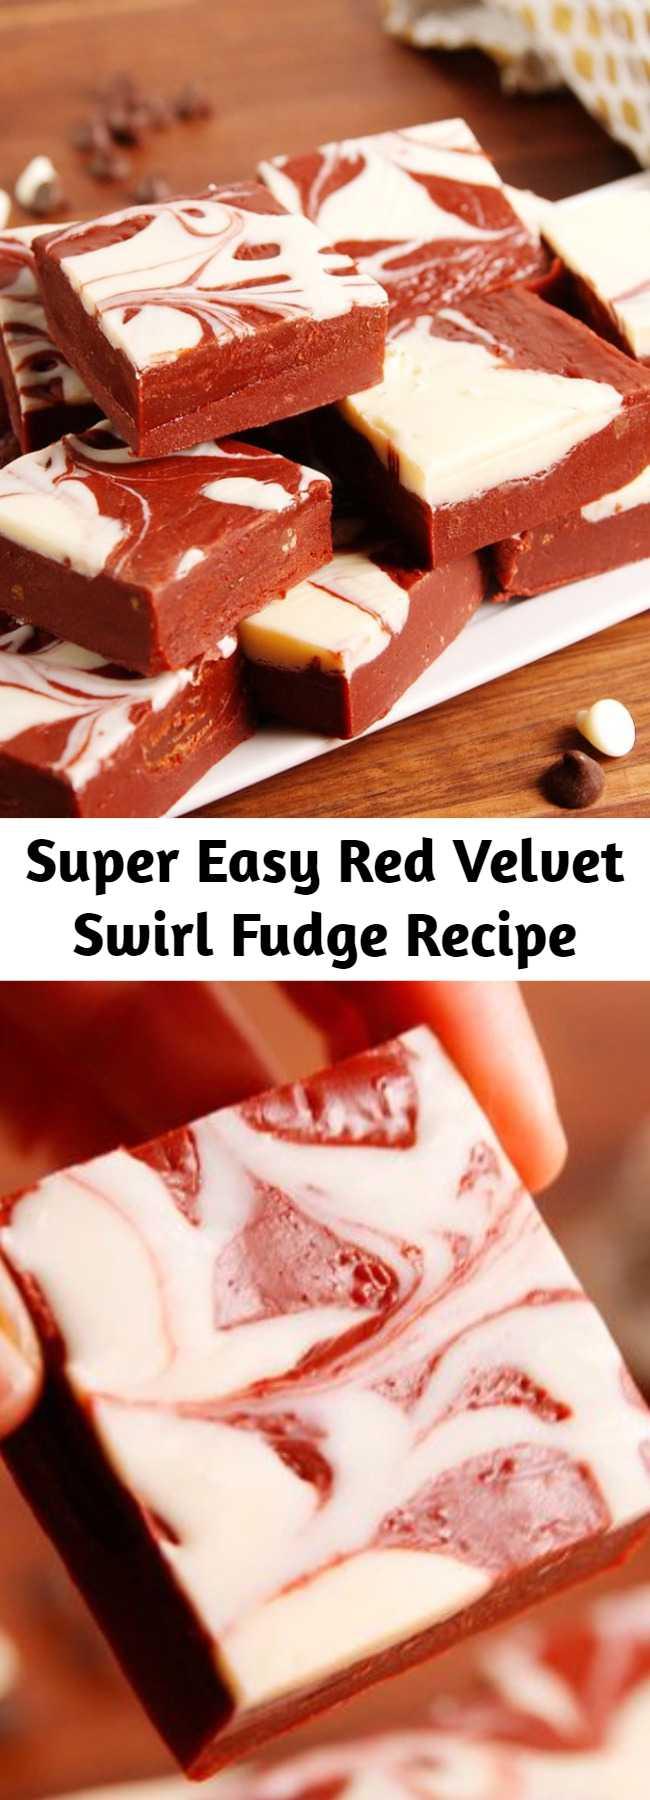 Super Easy Red Velvet Swirl Fudge Recipe - Upgrade your fudge game with this super easy recipe for red velvet swirl fudge. As pretty as it is tasty!